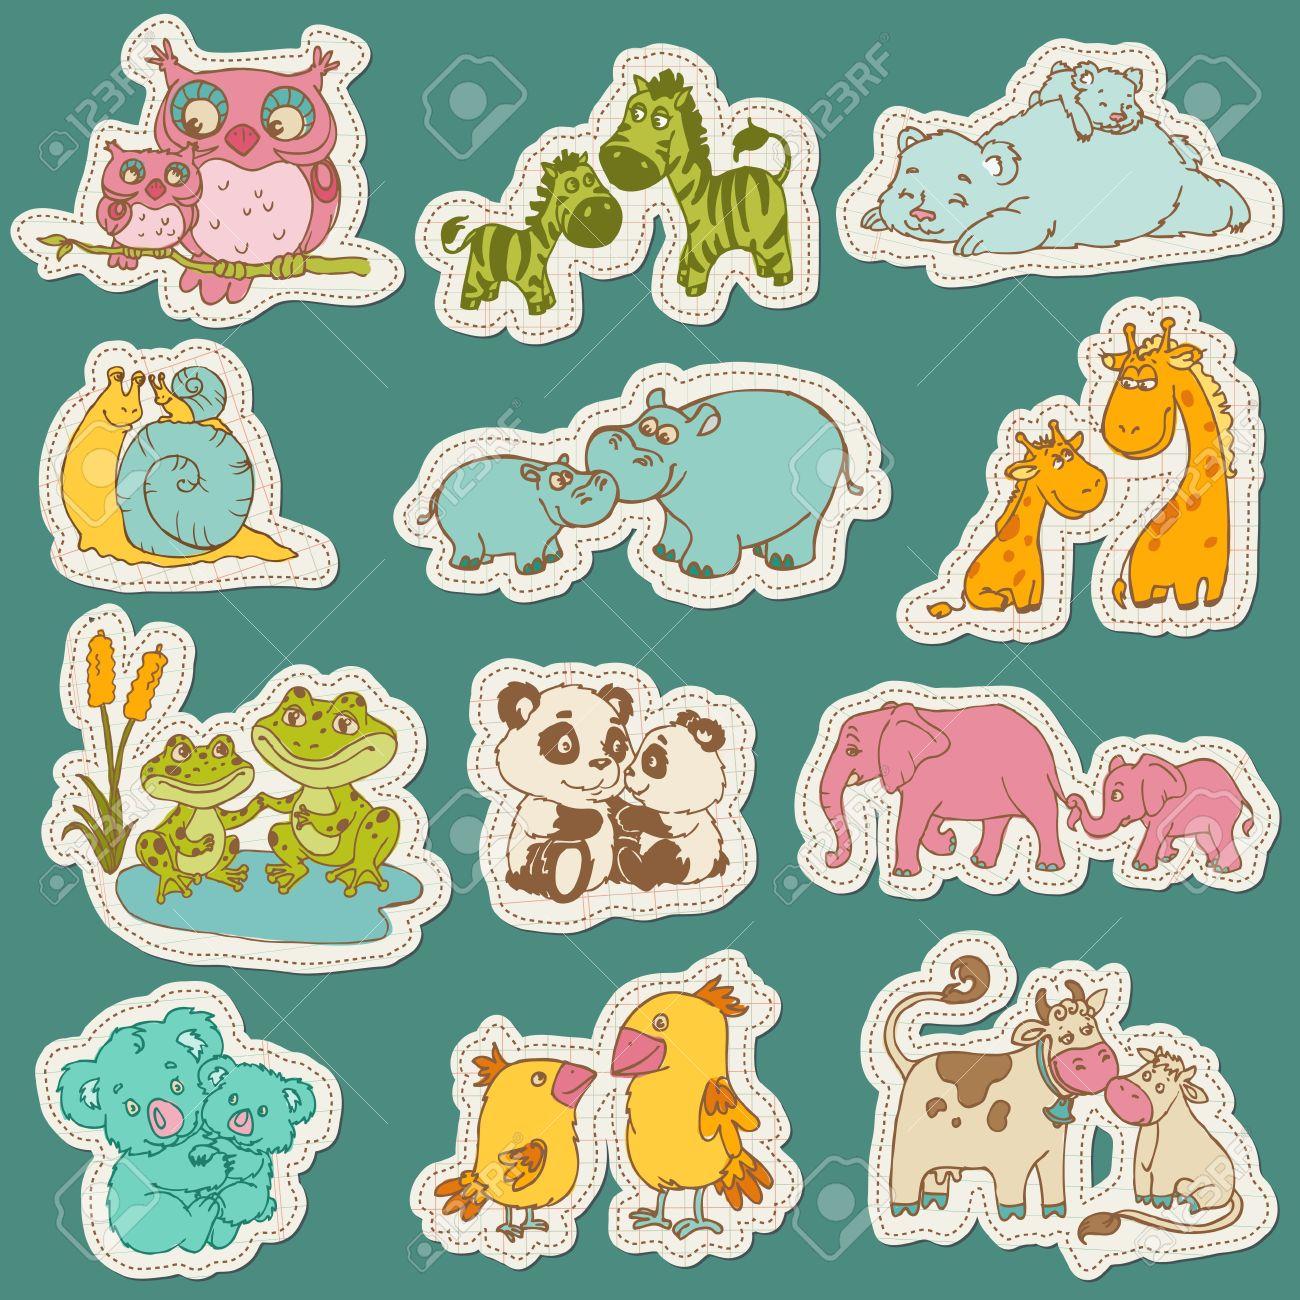 beb y el juego de animales mam de etiquetas de papel para el diseo y